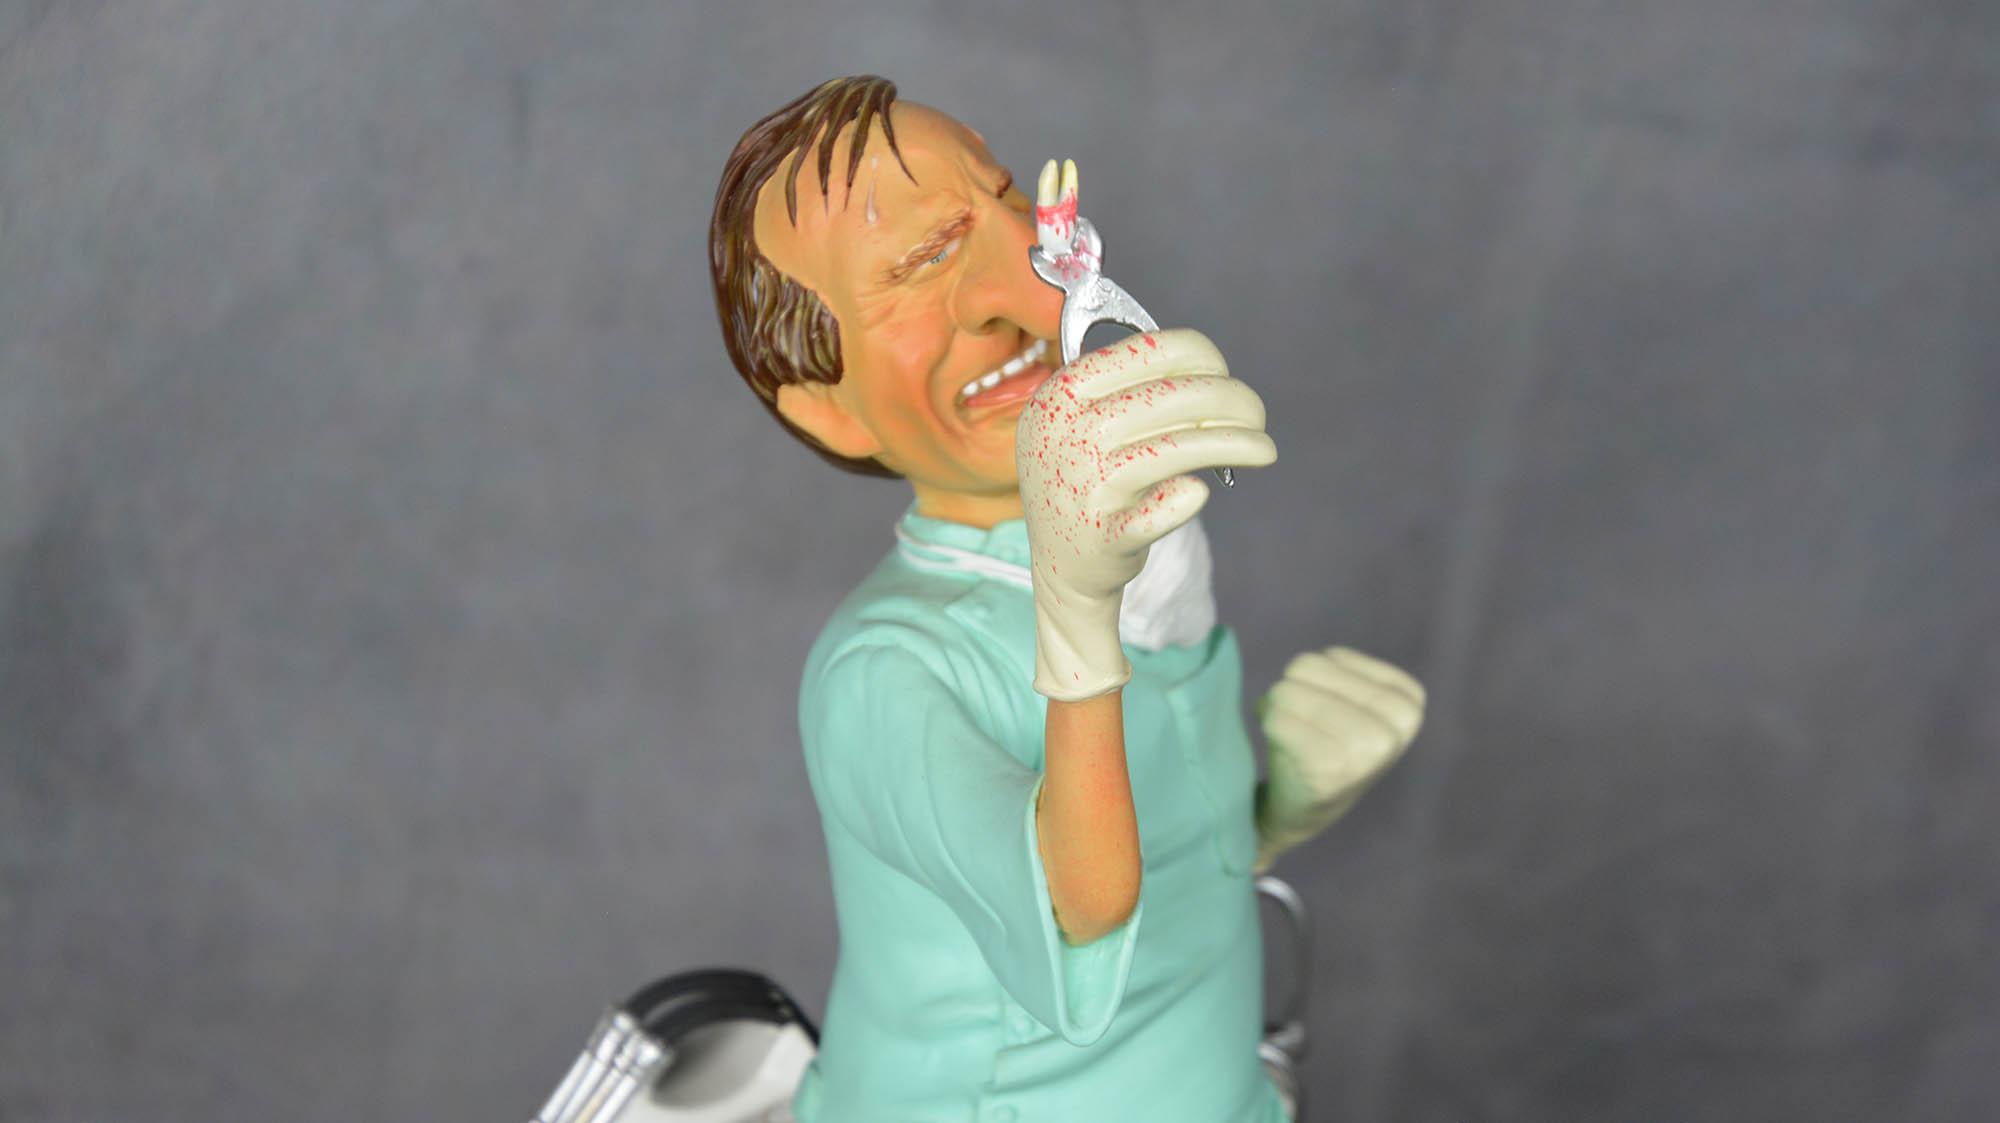 boutique figurine piece artisanale personnage dentiste parodie